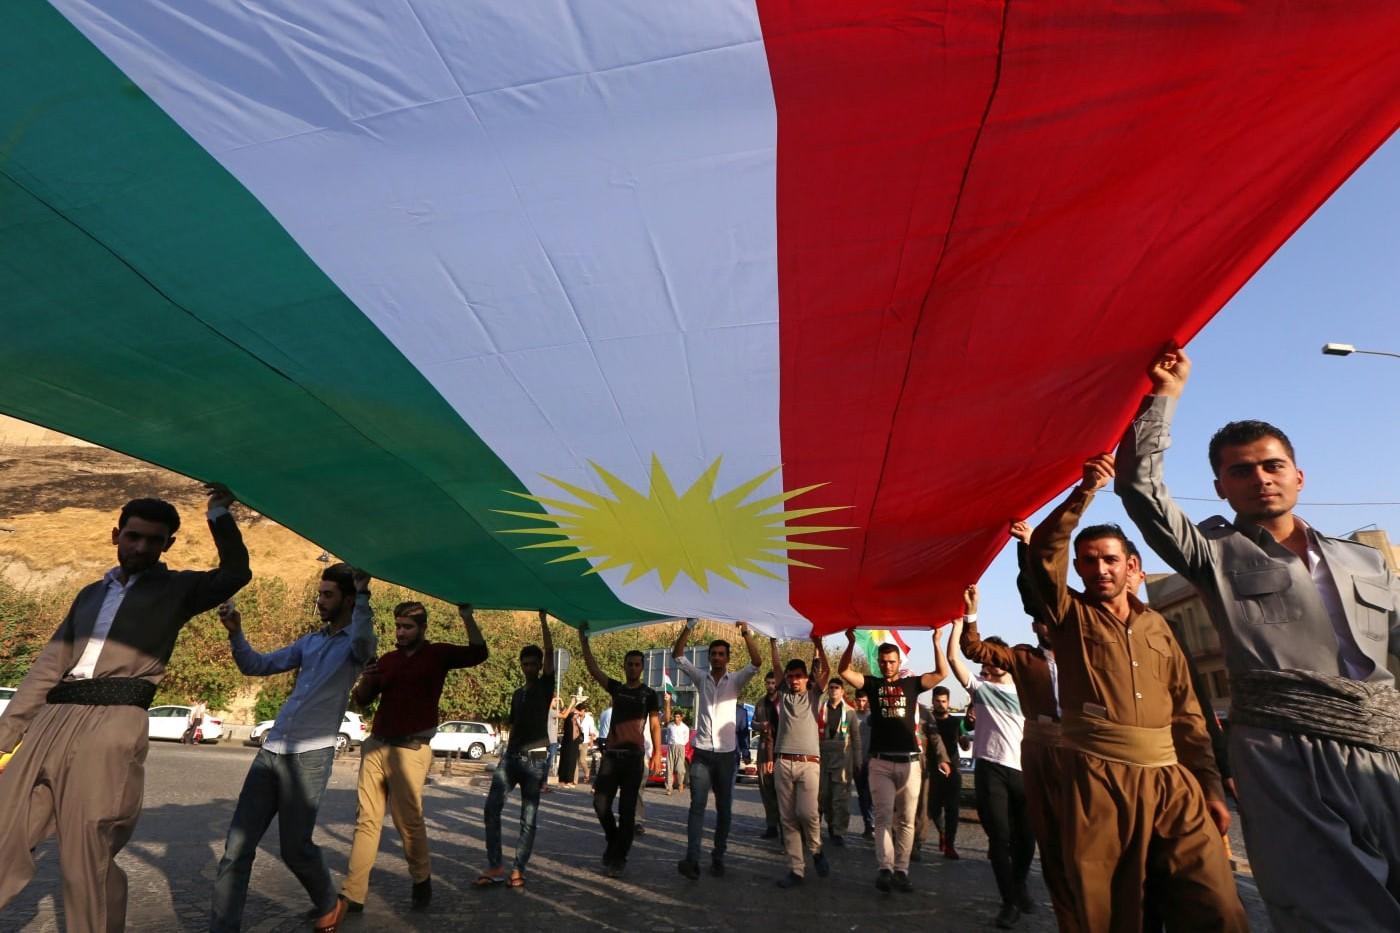 Irački Kurdi drže veliku zastavu Kurdistana dok šetaju Erbilom, glavnim gradom Iračkog Kurdistana, 13. septembar 2017. (Foto: SAFIN HAMED/AFP/Getty Images)